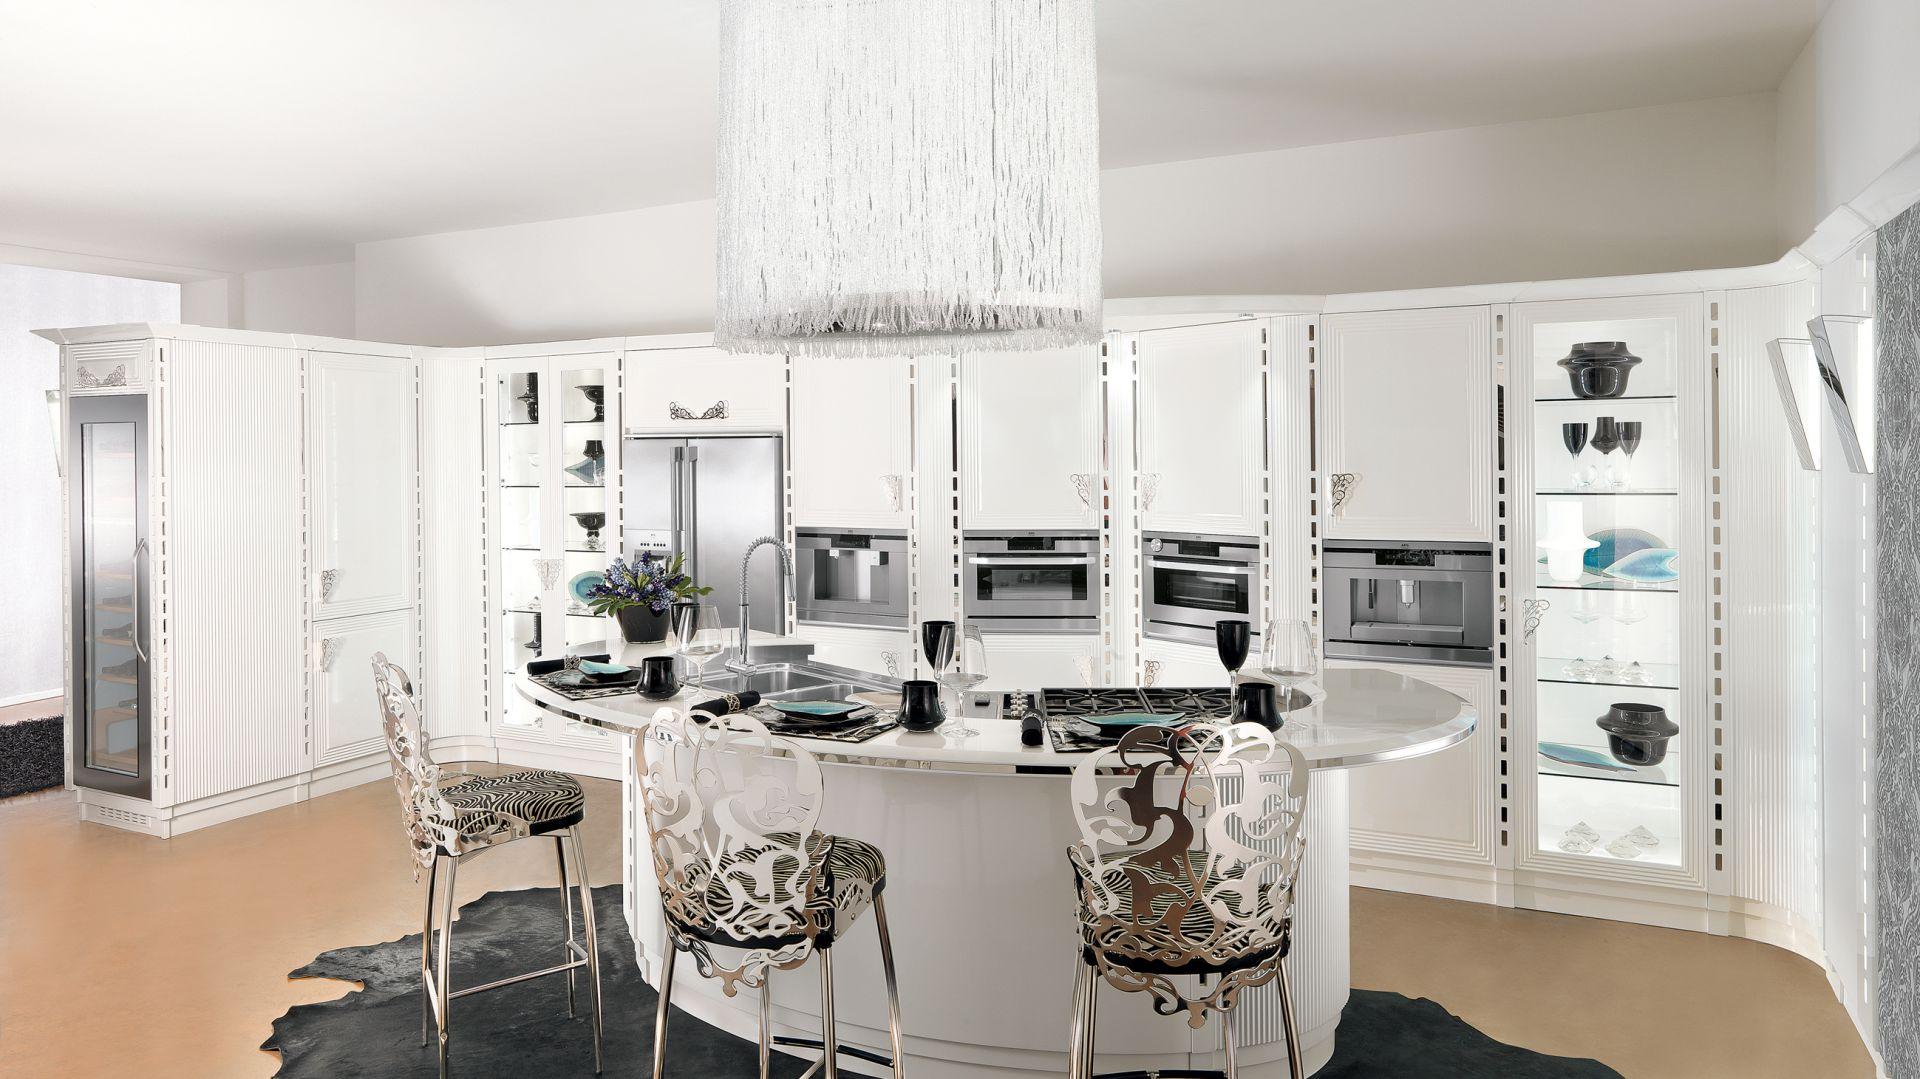 Subtelne zdobienia frontów zabudowy podkreślają unikatowy charakter projektu. Kropką nad i w tej luksusowej kuchni jest eleganckie, biżuteryjne oświetlenie. Fot. Brummel Cucine.